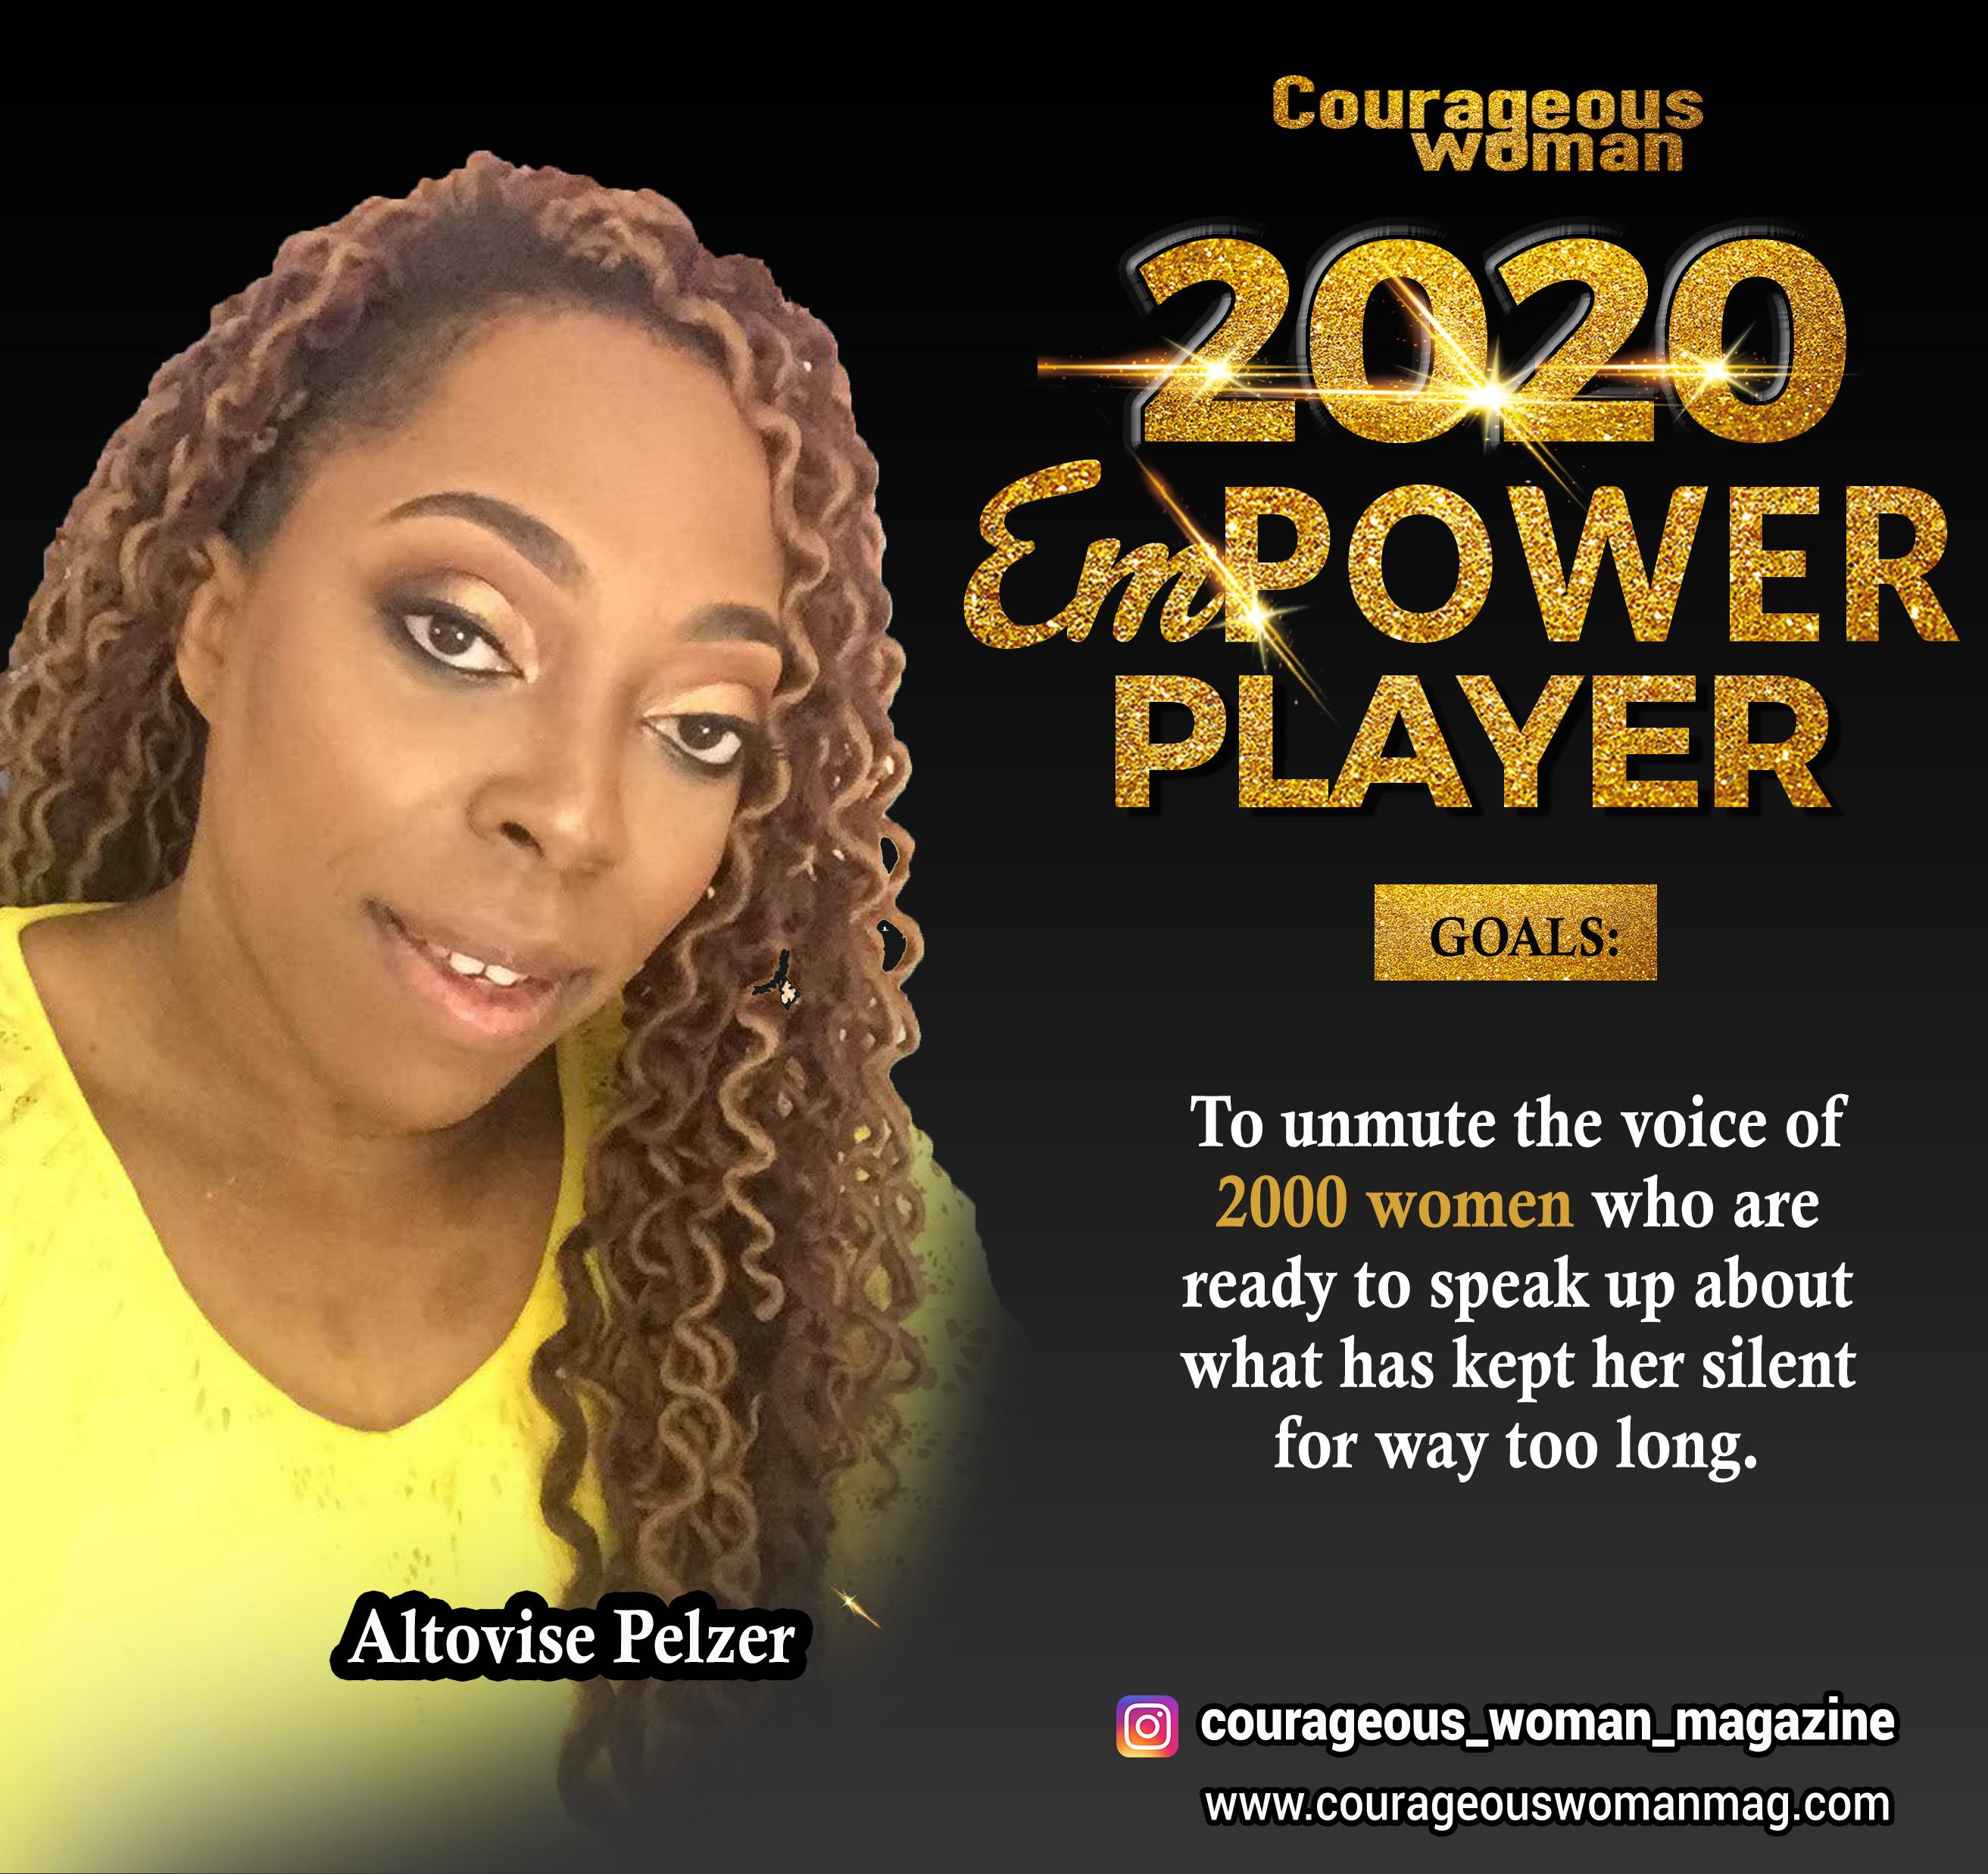 The Empower Player Summit Speaker, Altovise Pelzer